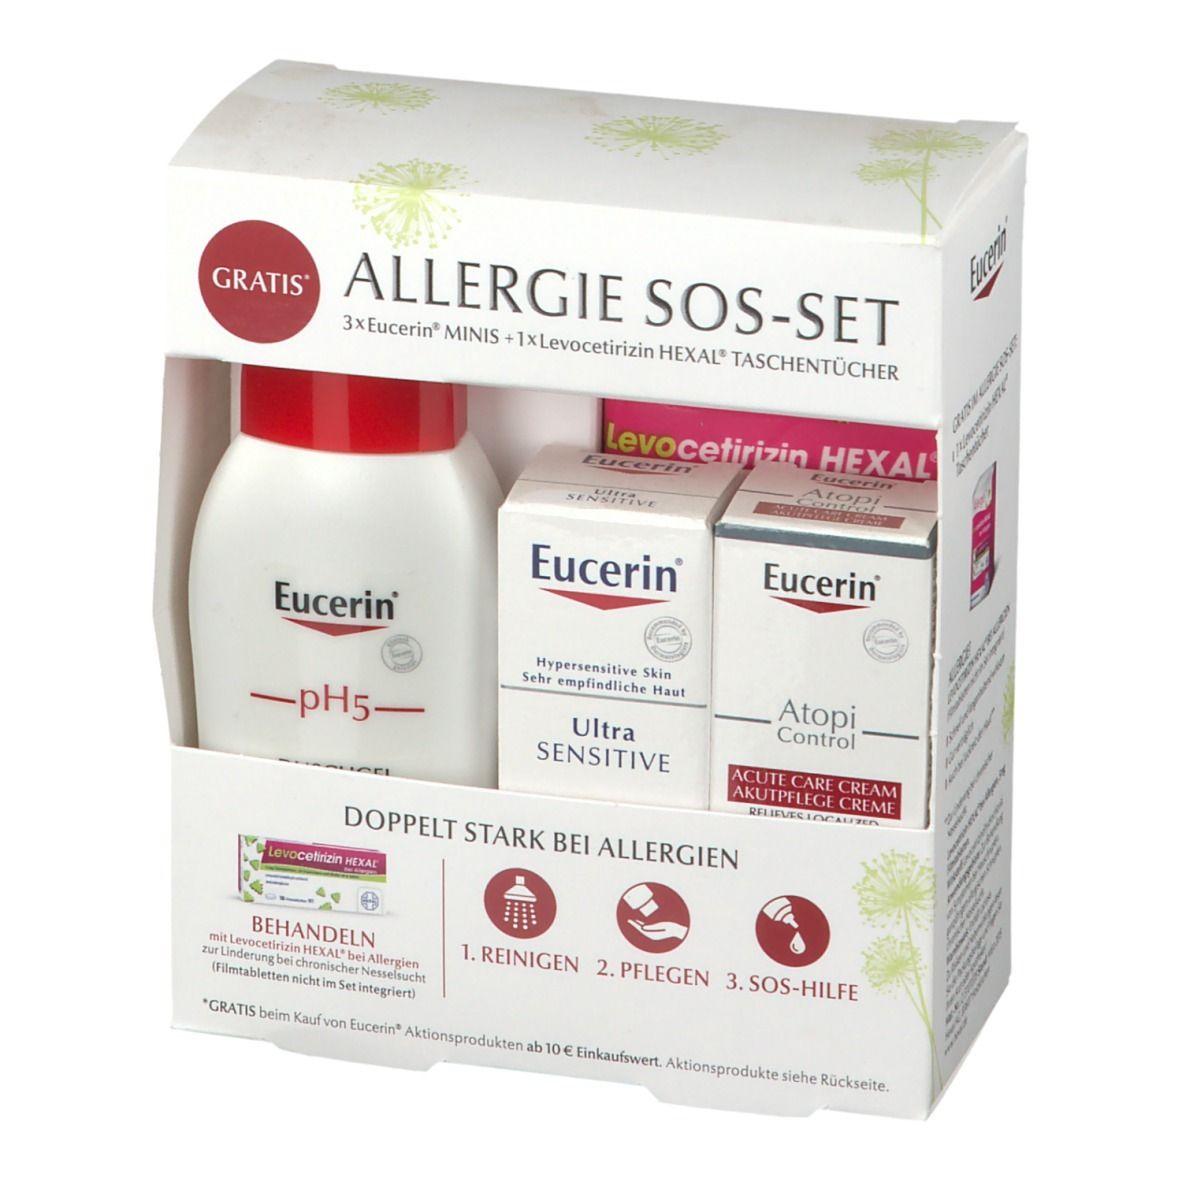 B. Allergie SOS-Set